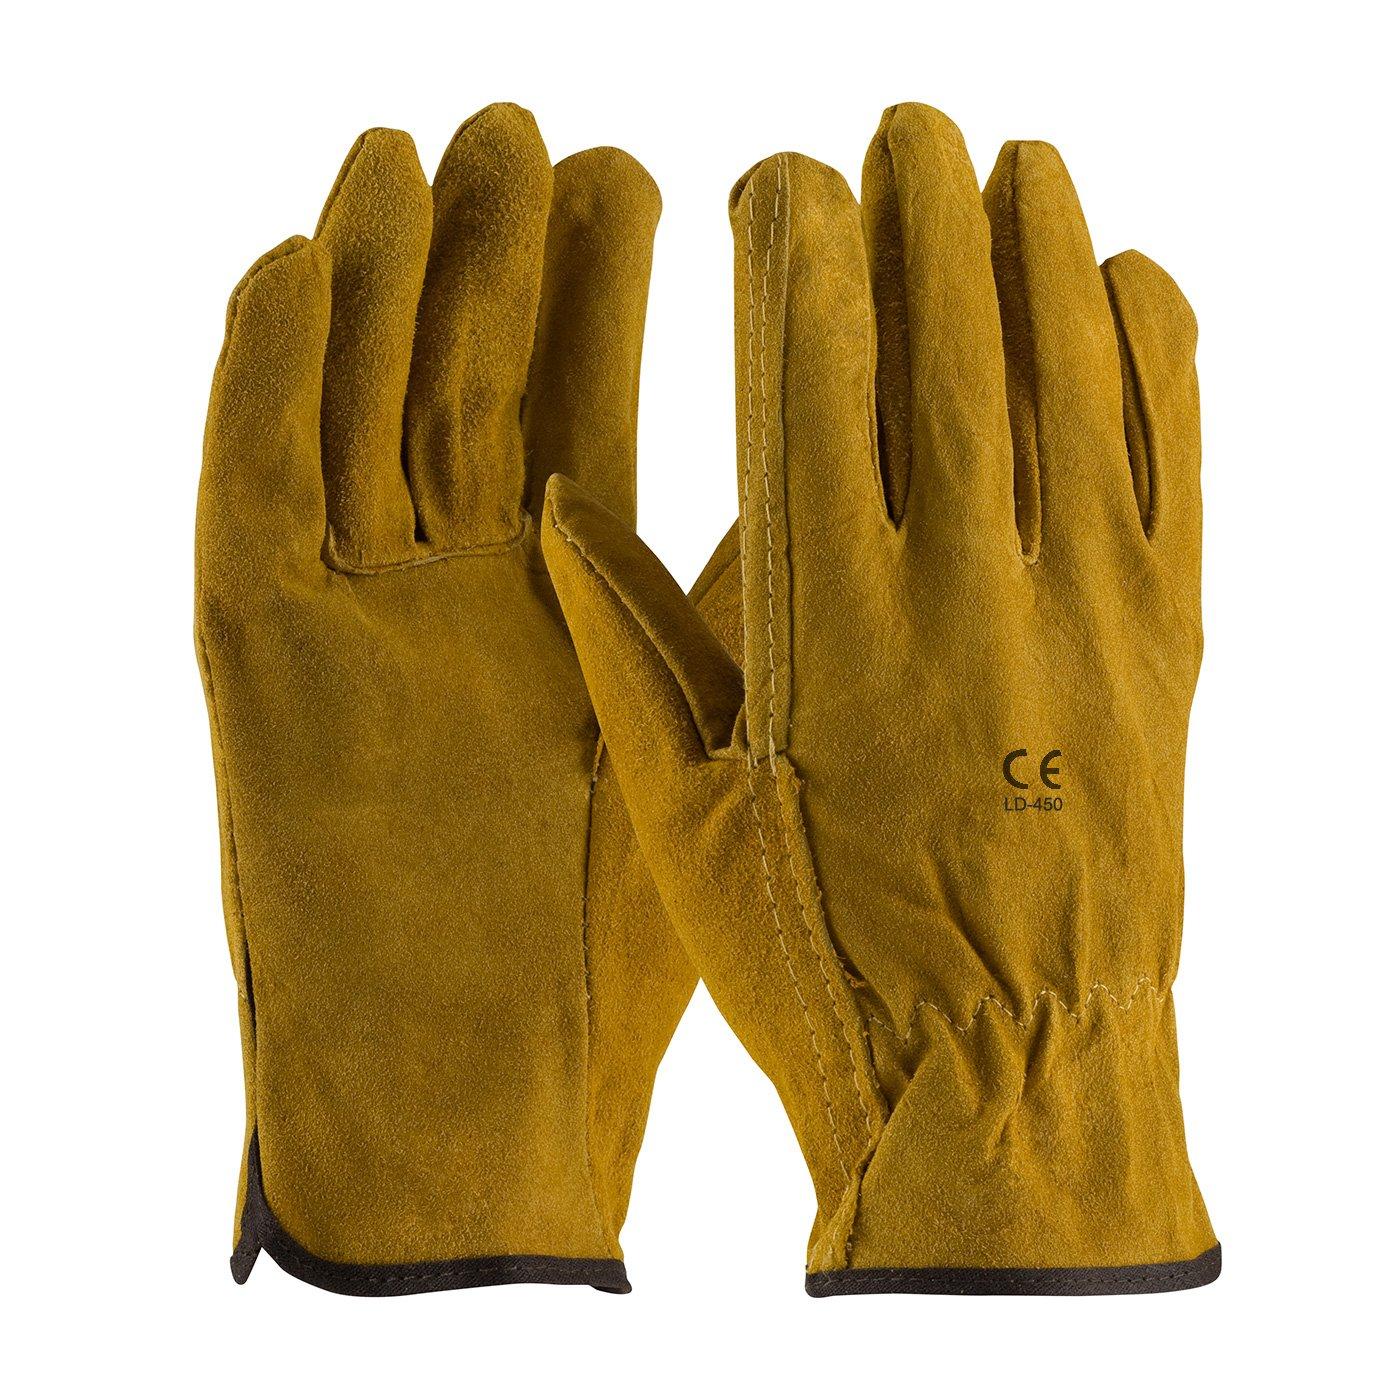 LD-450 Drver Gloves Split Leather Brown